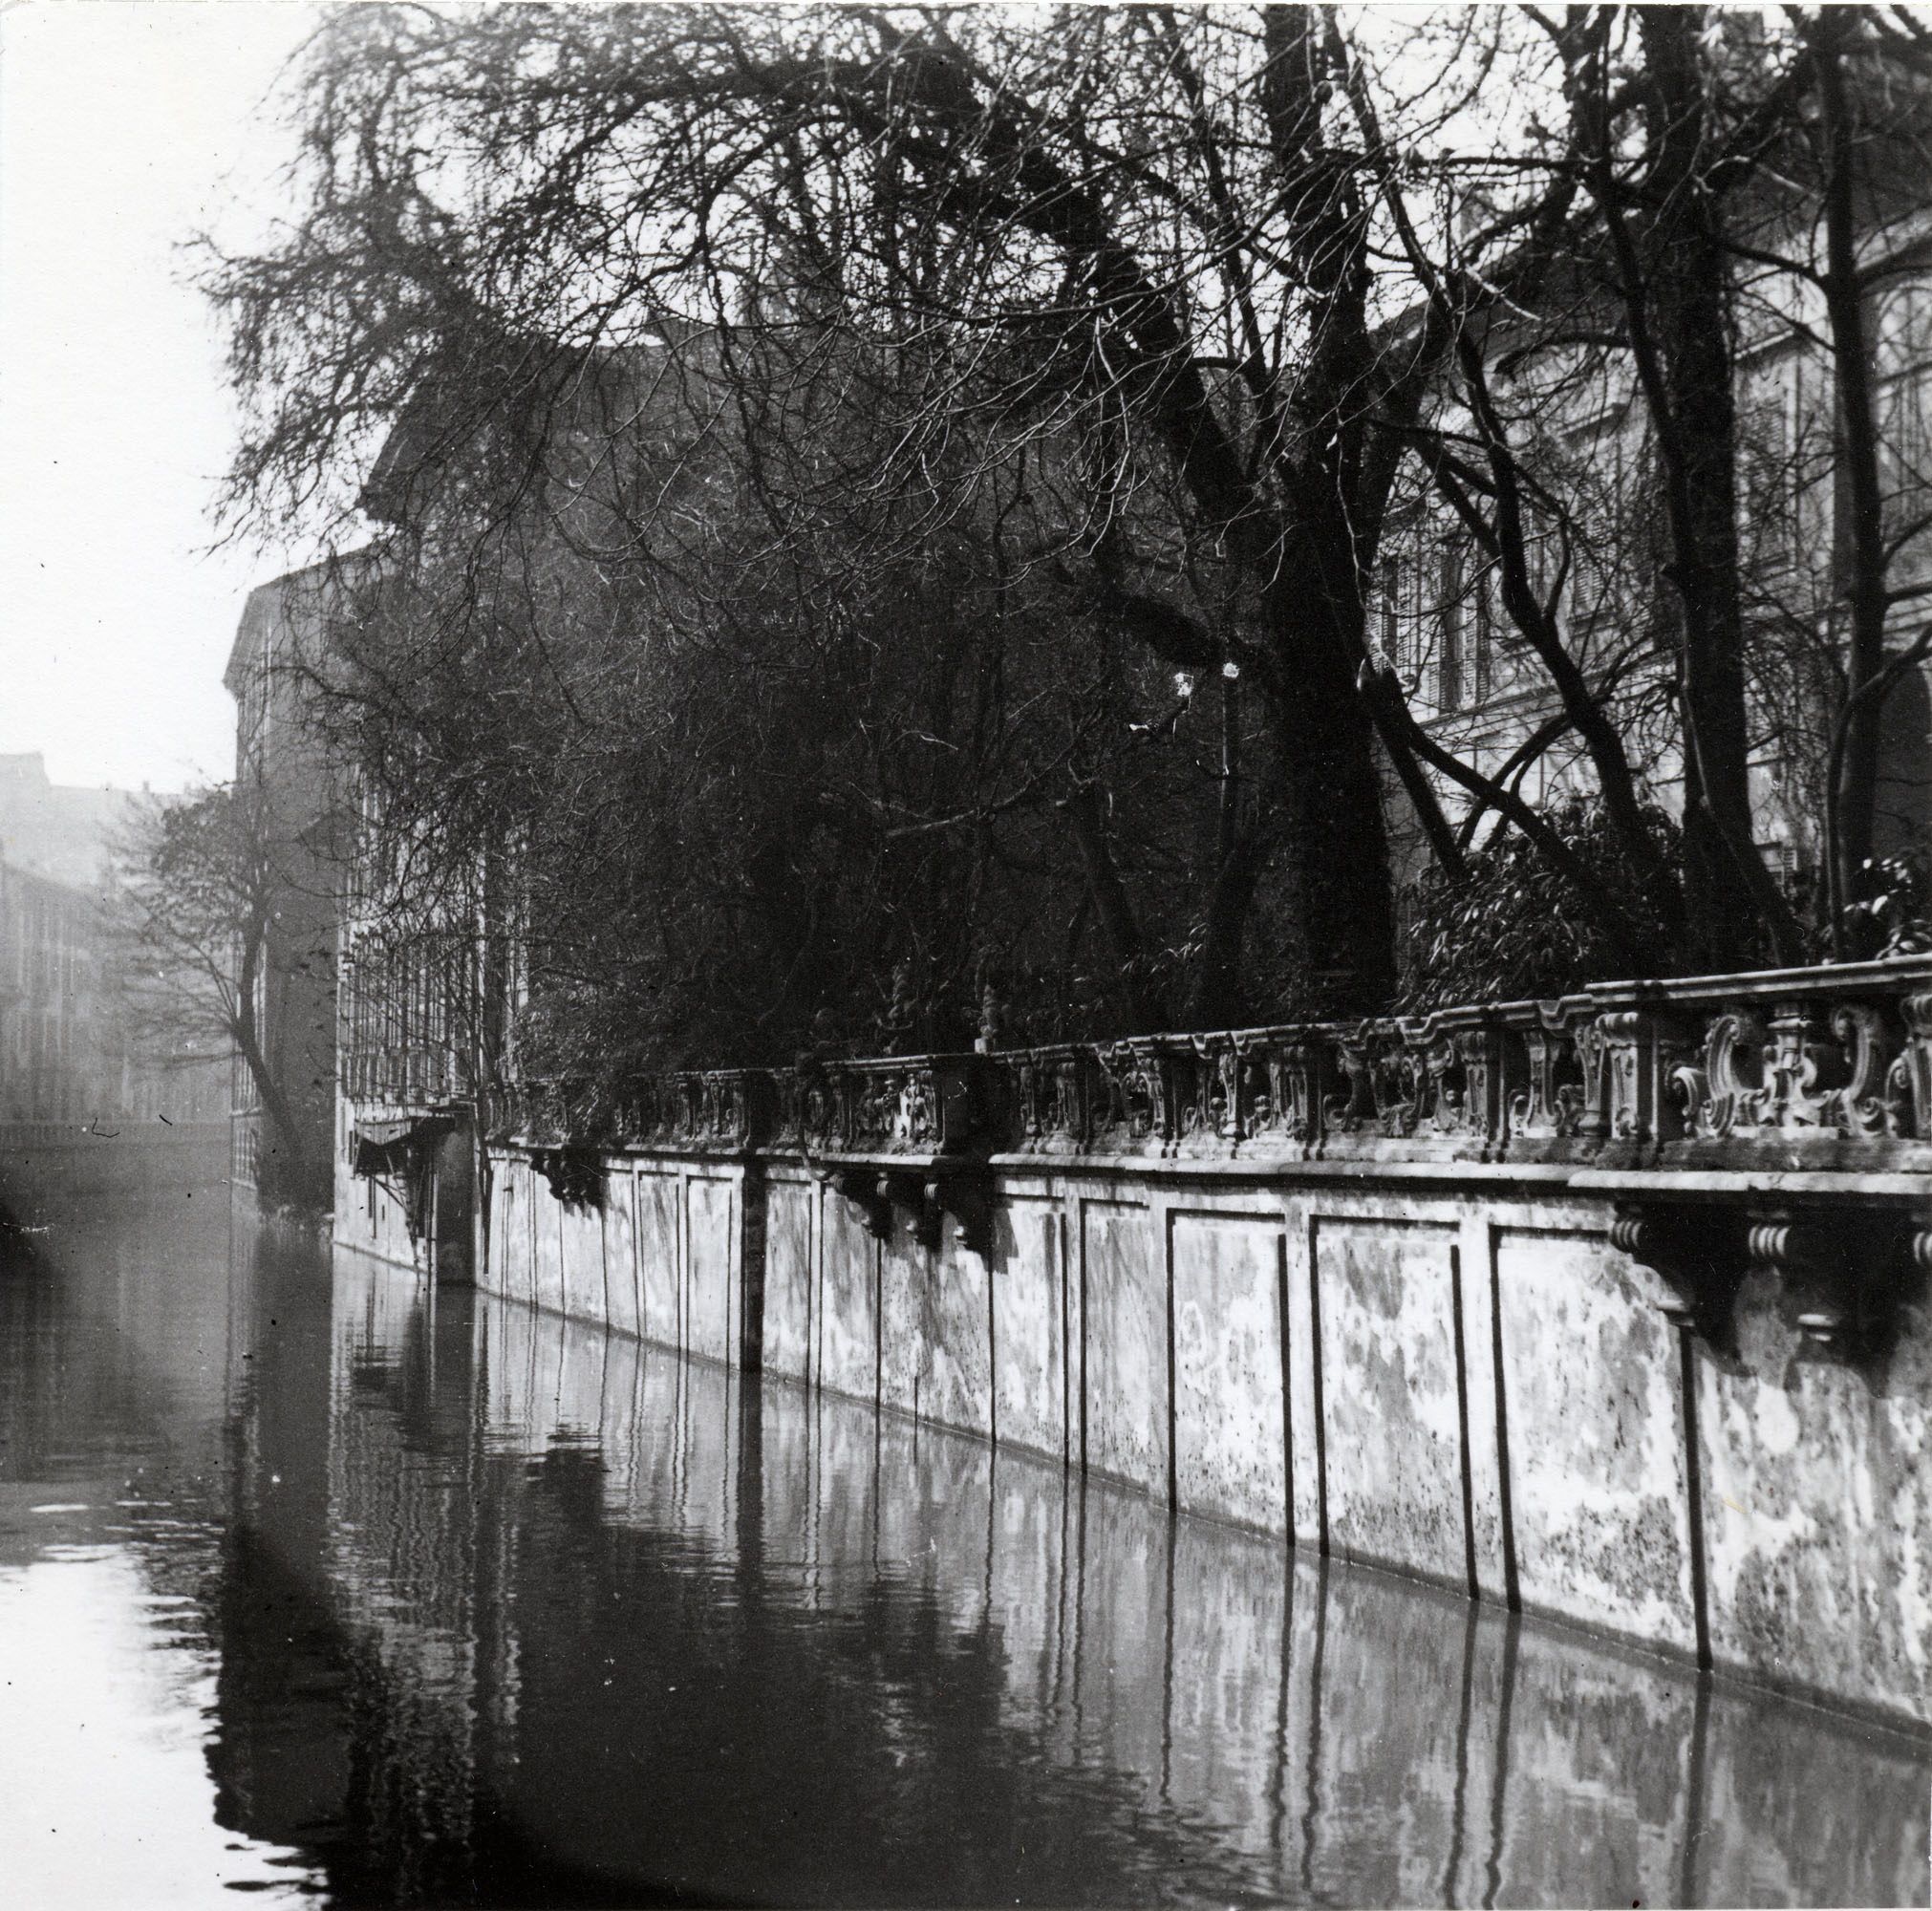 02 - Balaustra di Palazzo Visconti © Archivio fotografico Arnaldo Chierichetti